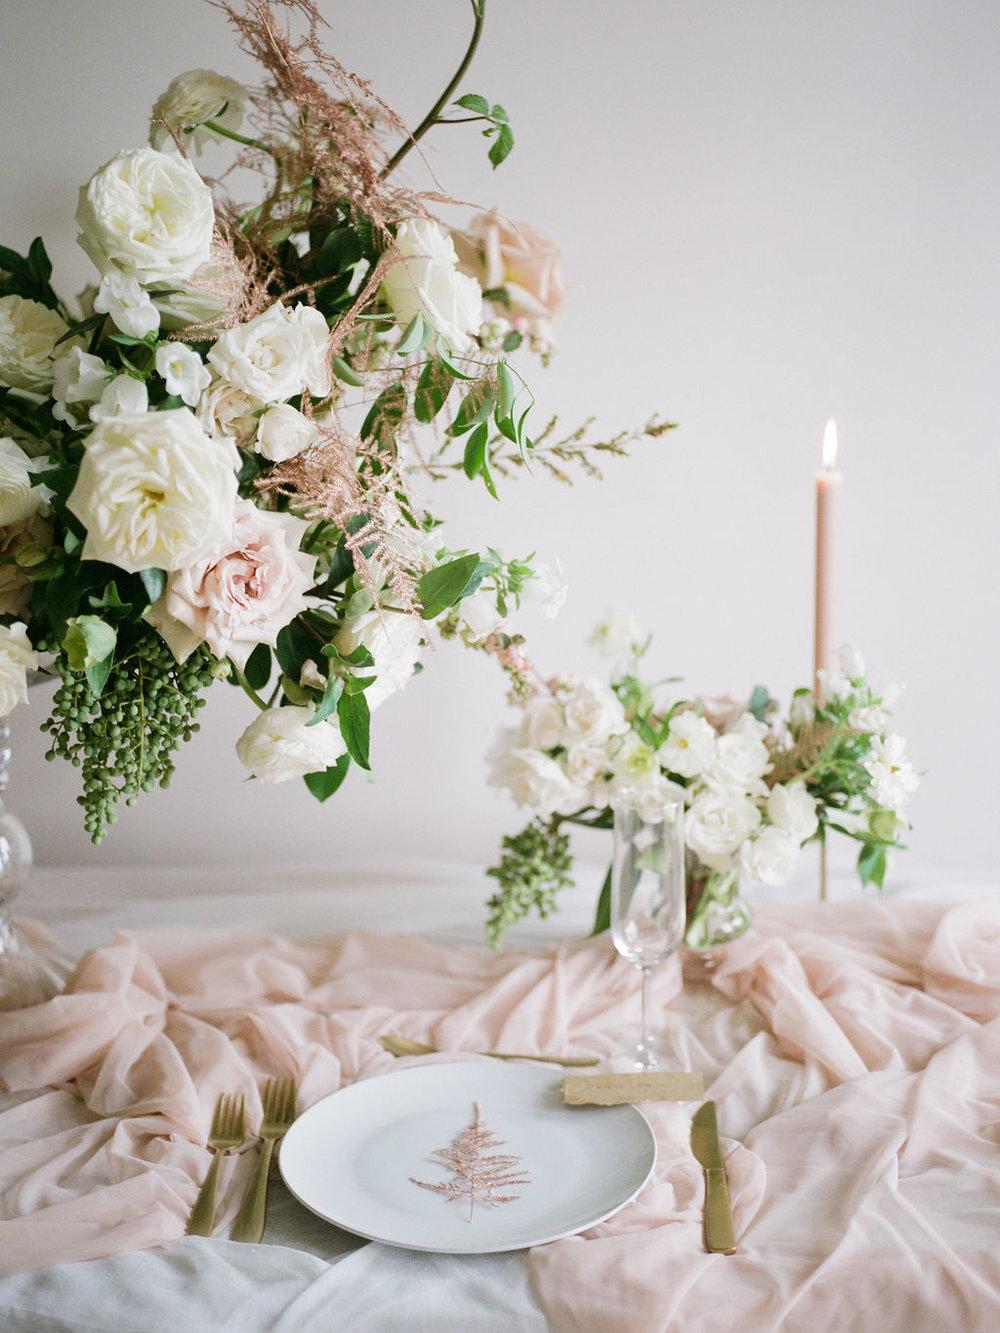 Maxit-Flower-Design-Christine-Gosch-Winter-Wedding.jpg